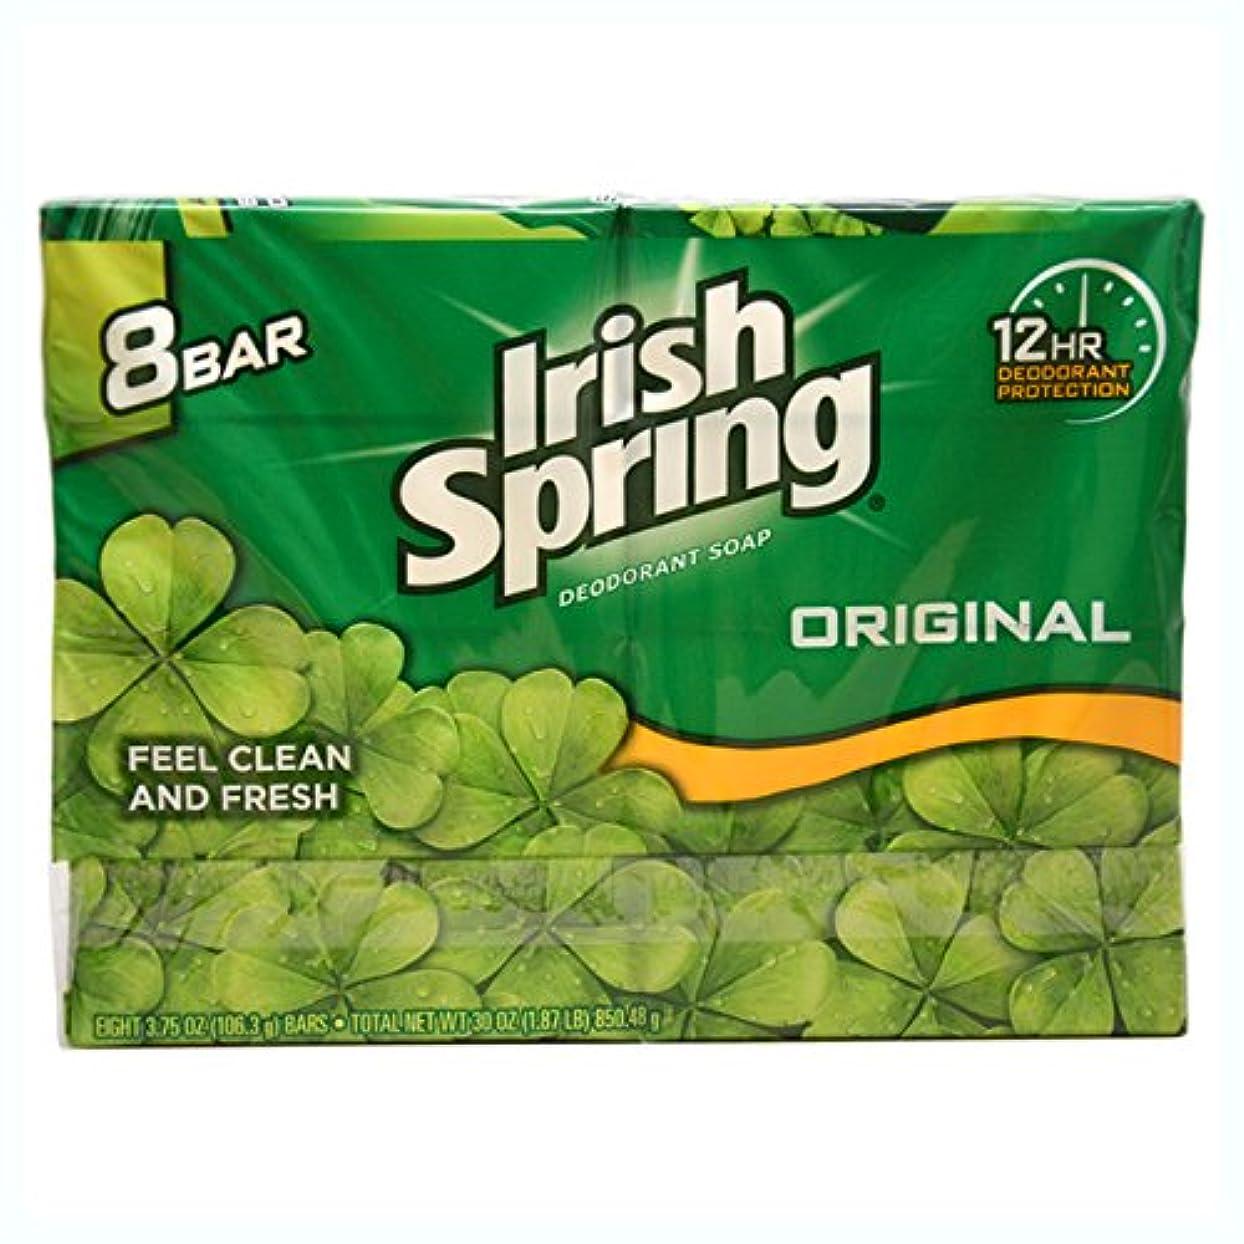 準備ができて玉幻想的Irish Spring デオドラントソープオリジナル - 8のCt